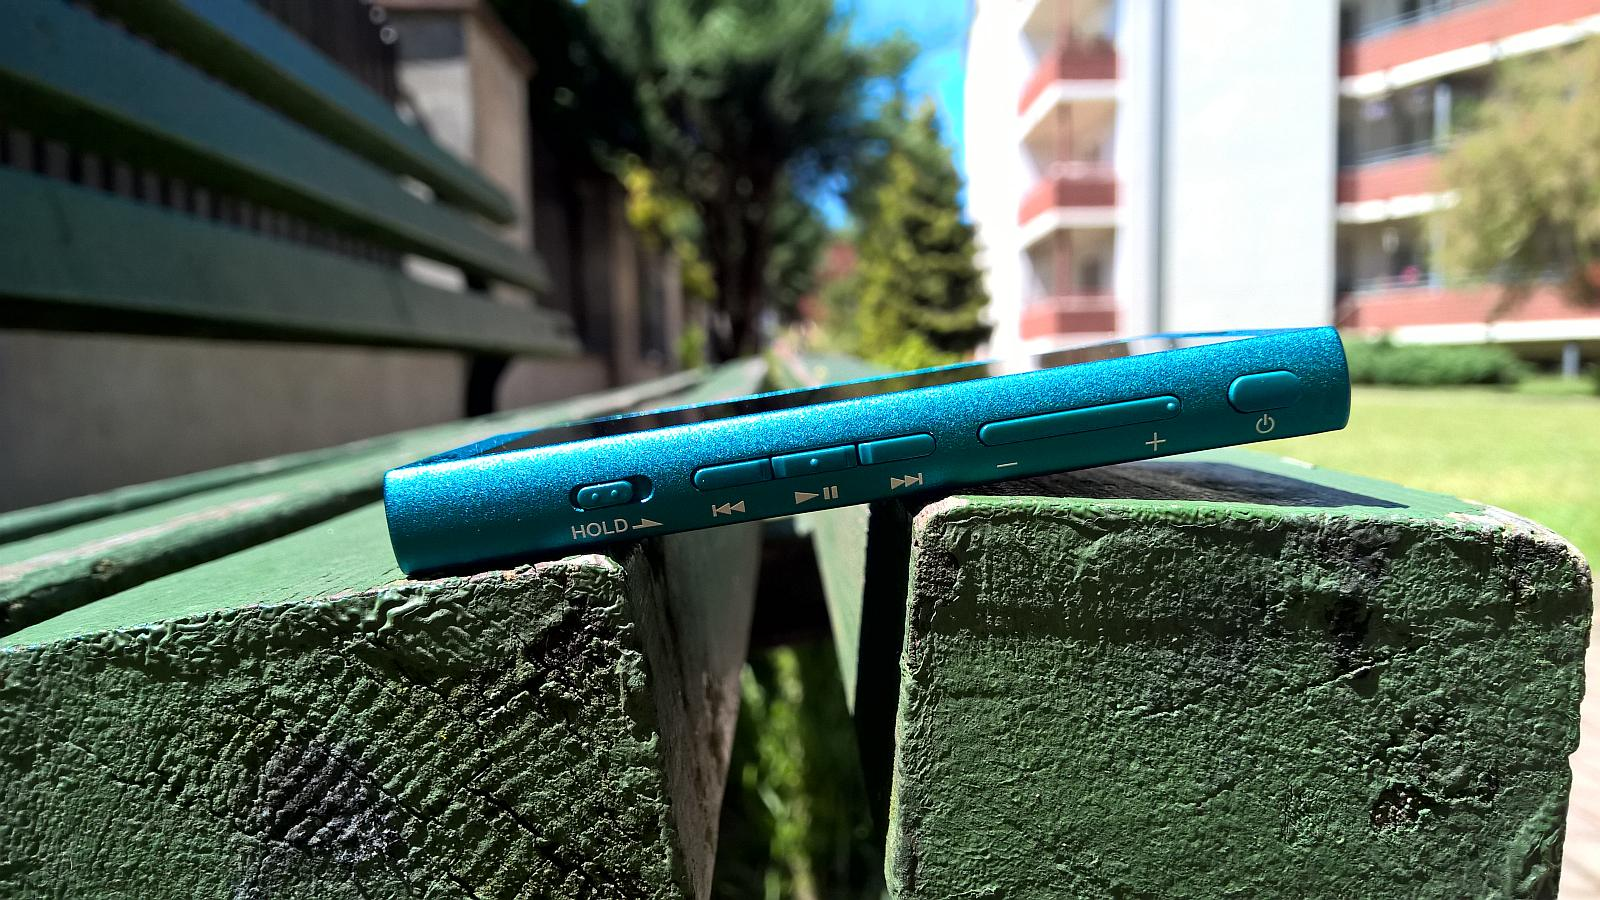 Sony Walkman NW-A30 zdjęcie na ławce